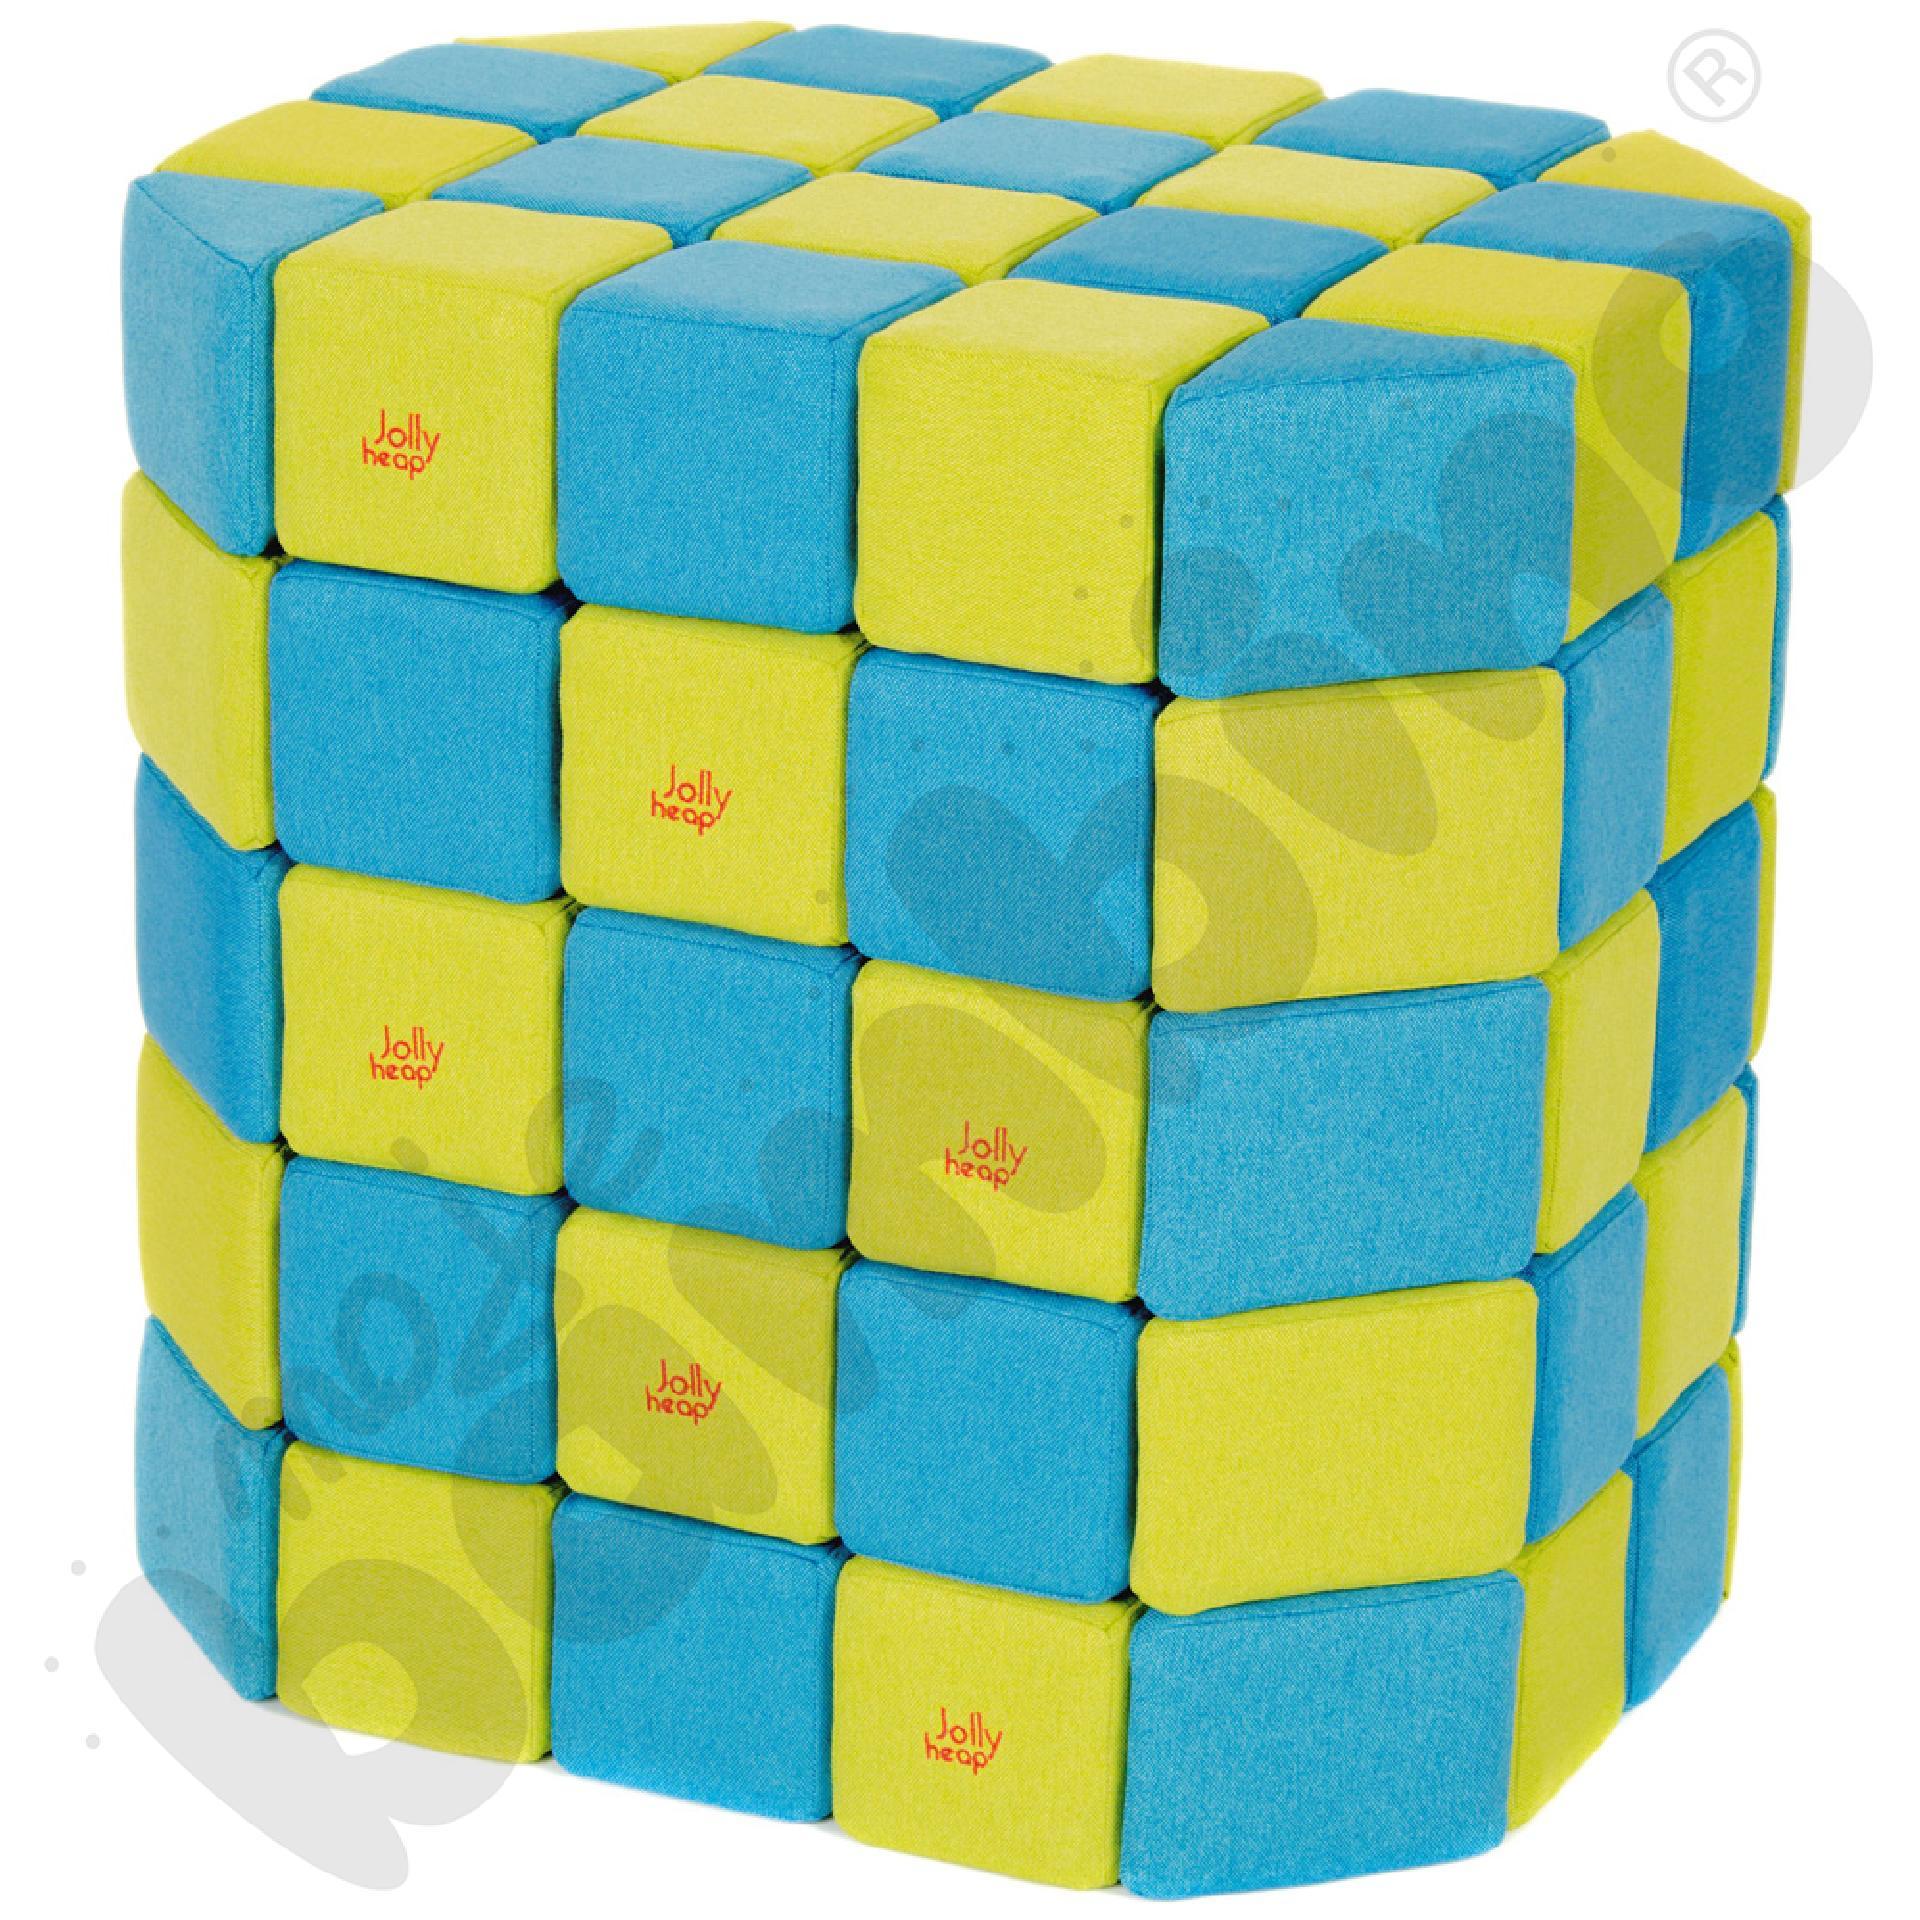 Zestaw klocków JollyHeap - niebiesko-limonkowe, 100 szt.